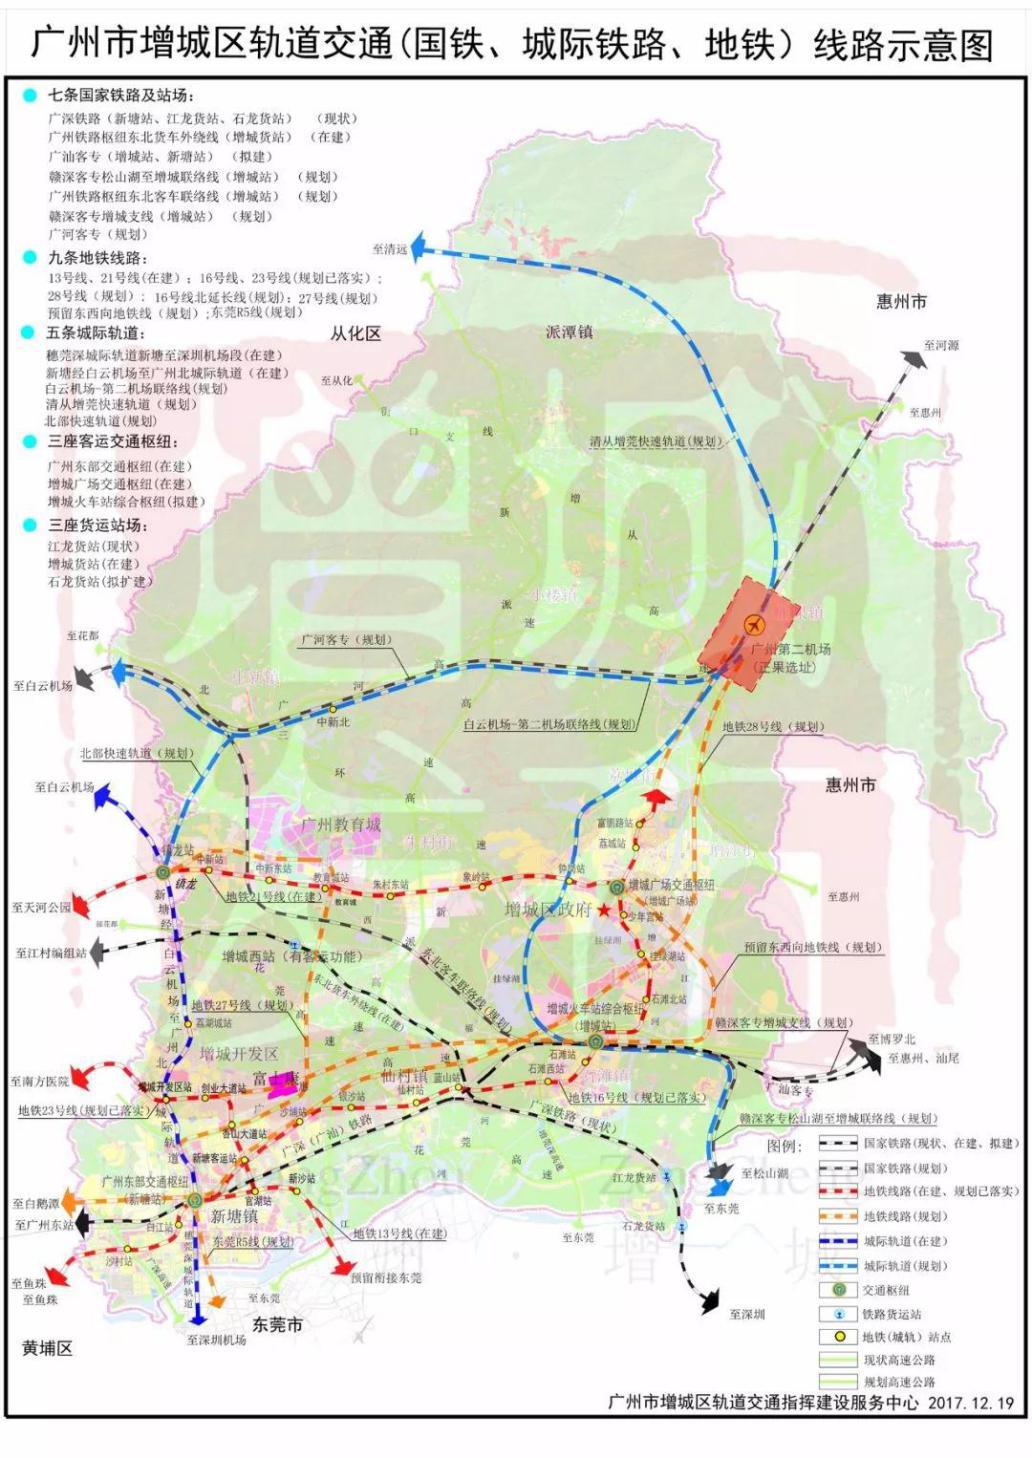 广州增城楼市这几年:网签套数排第一的,都是同一个楼盘!